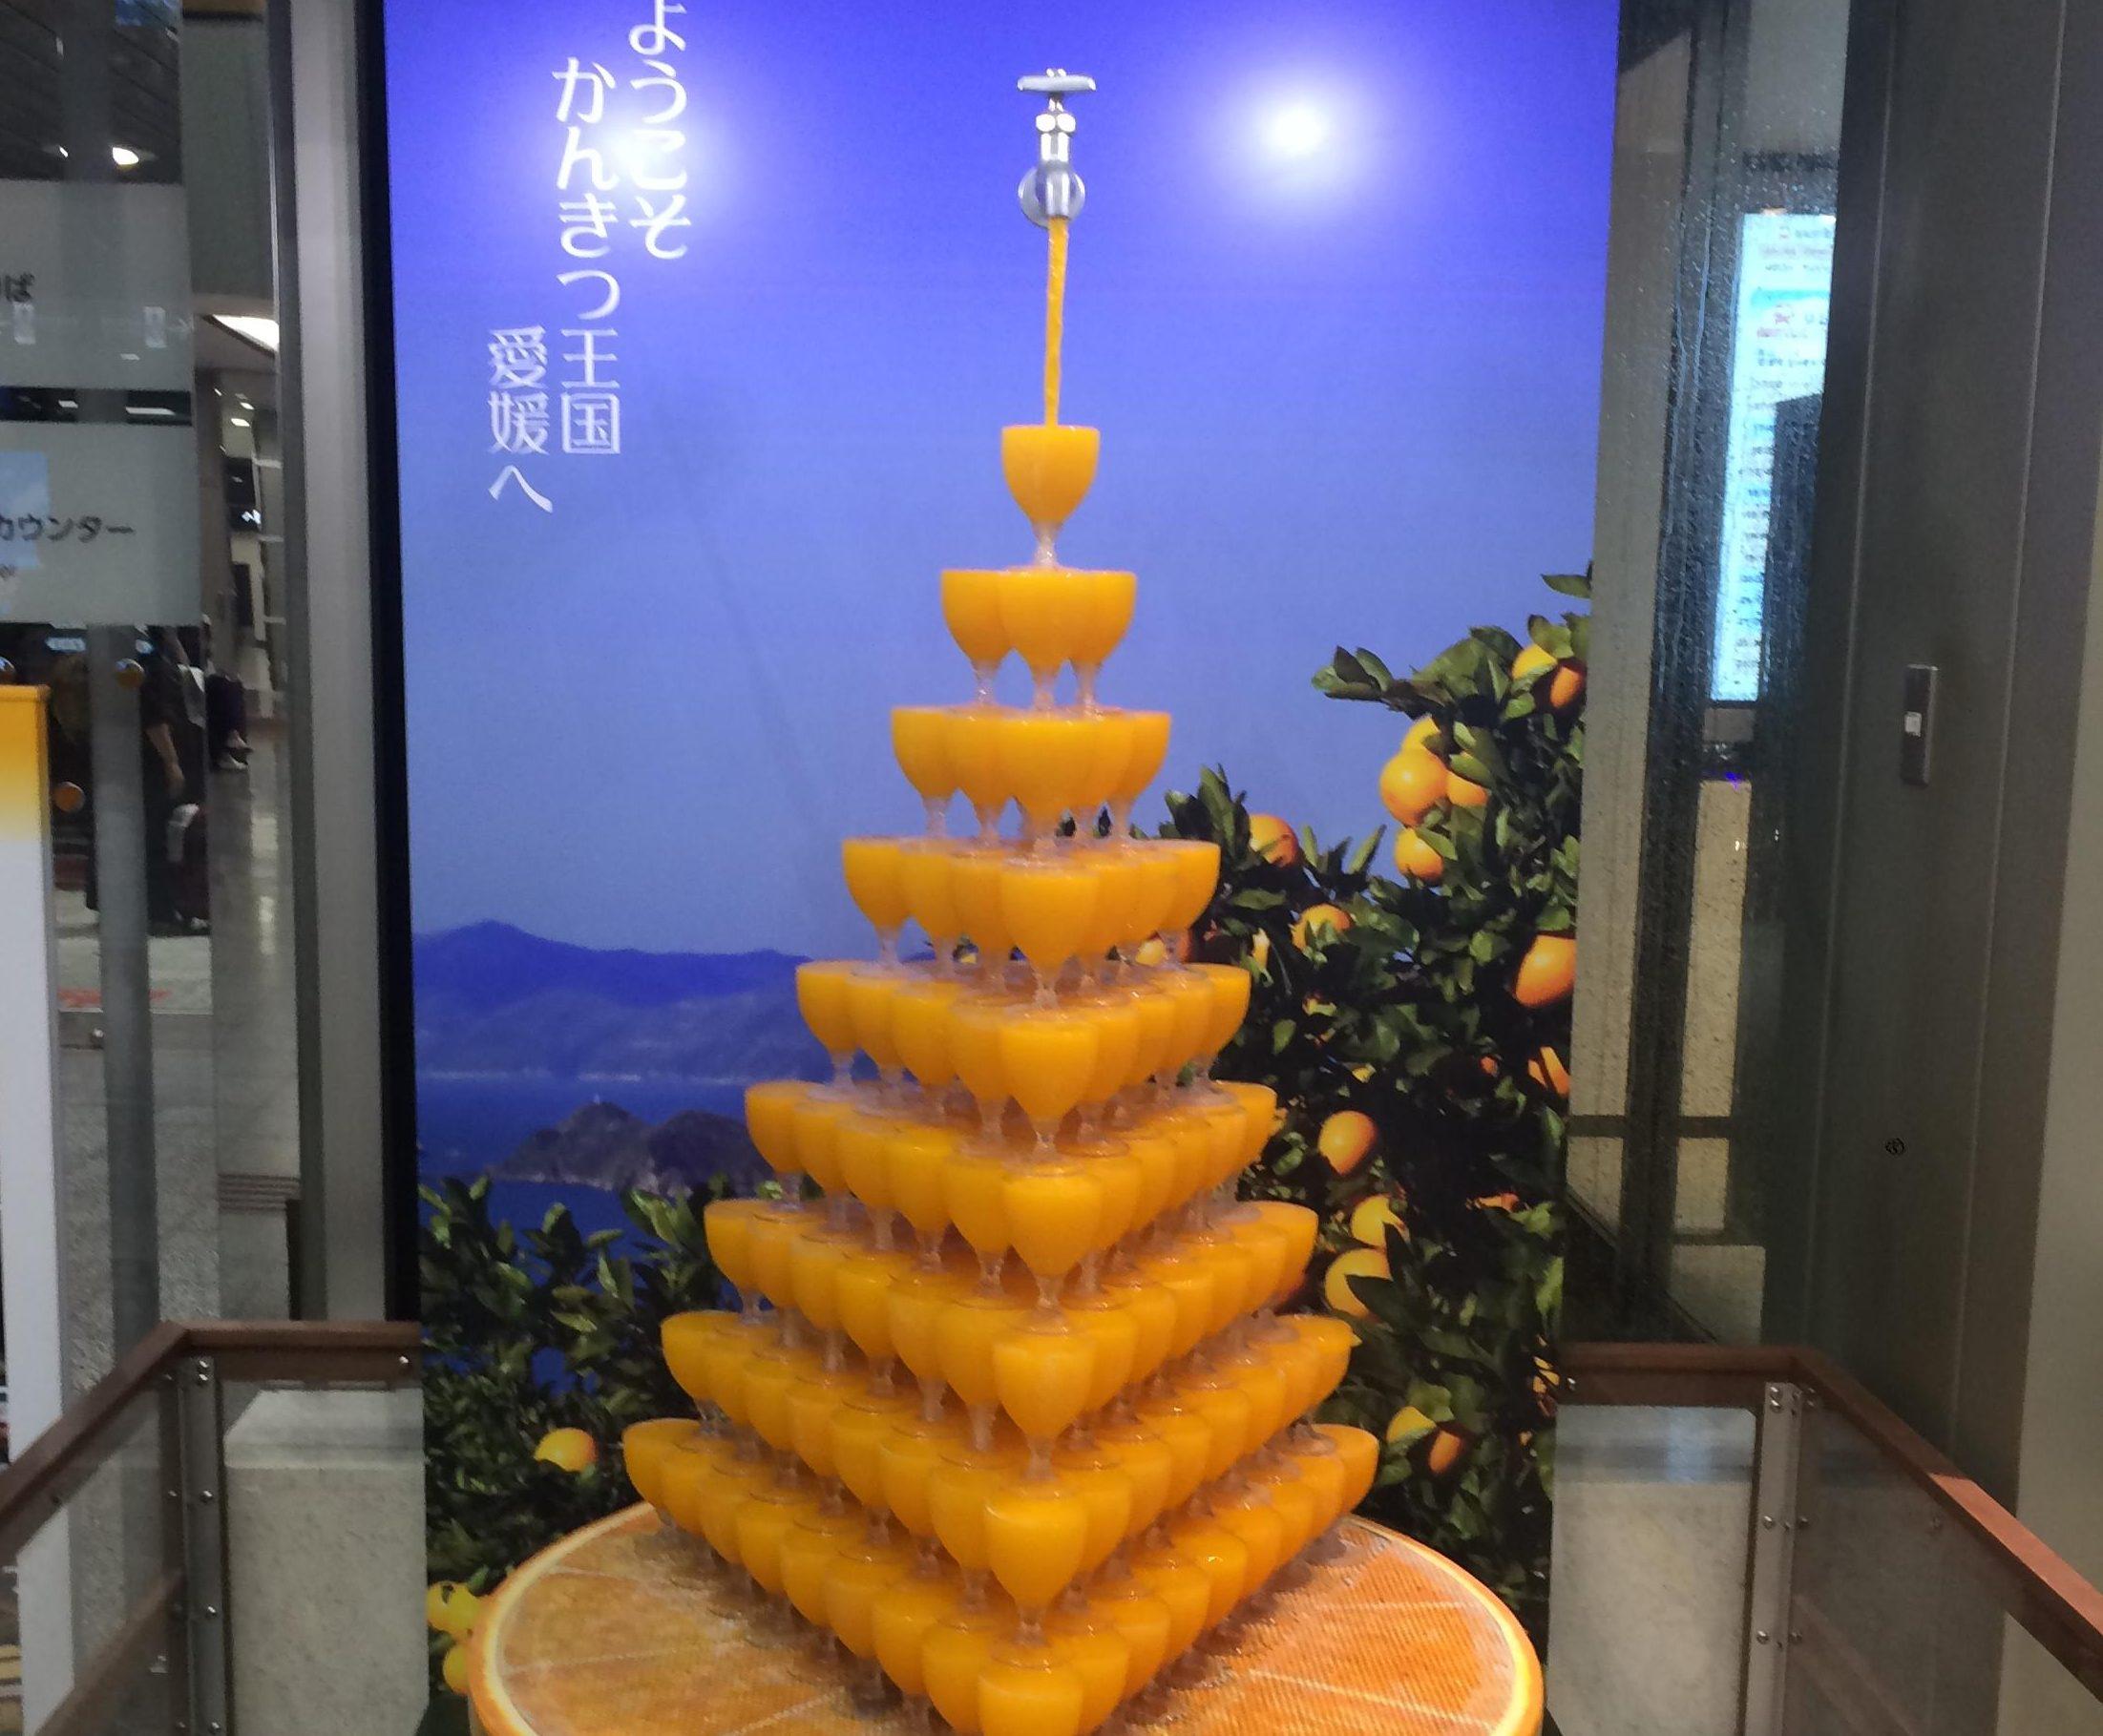 【必見】松山空港でのシンボルオブジェ!リアルに流れる「みかんジュースタワー」をご紹介します!